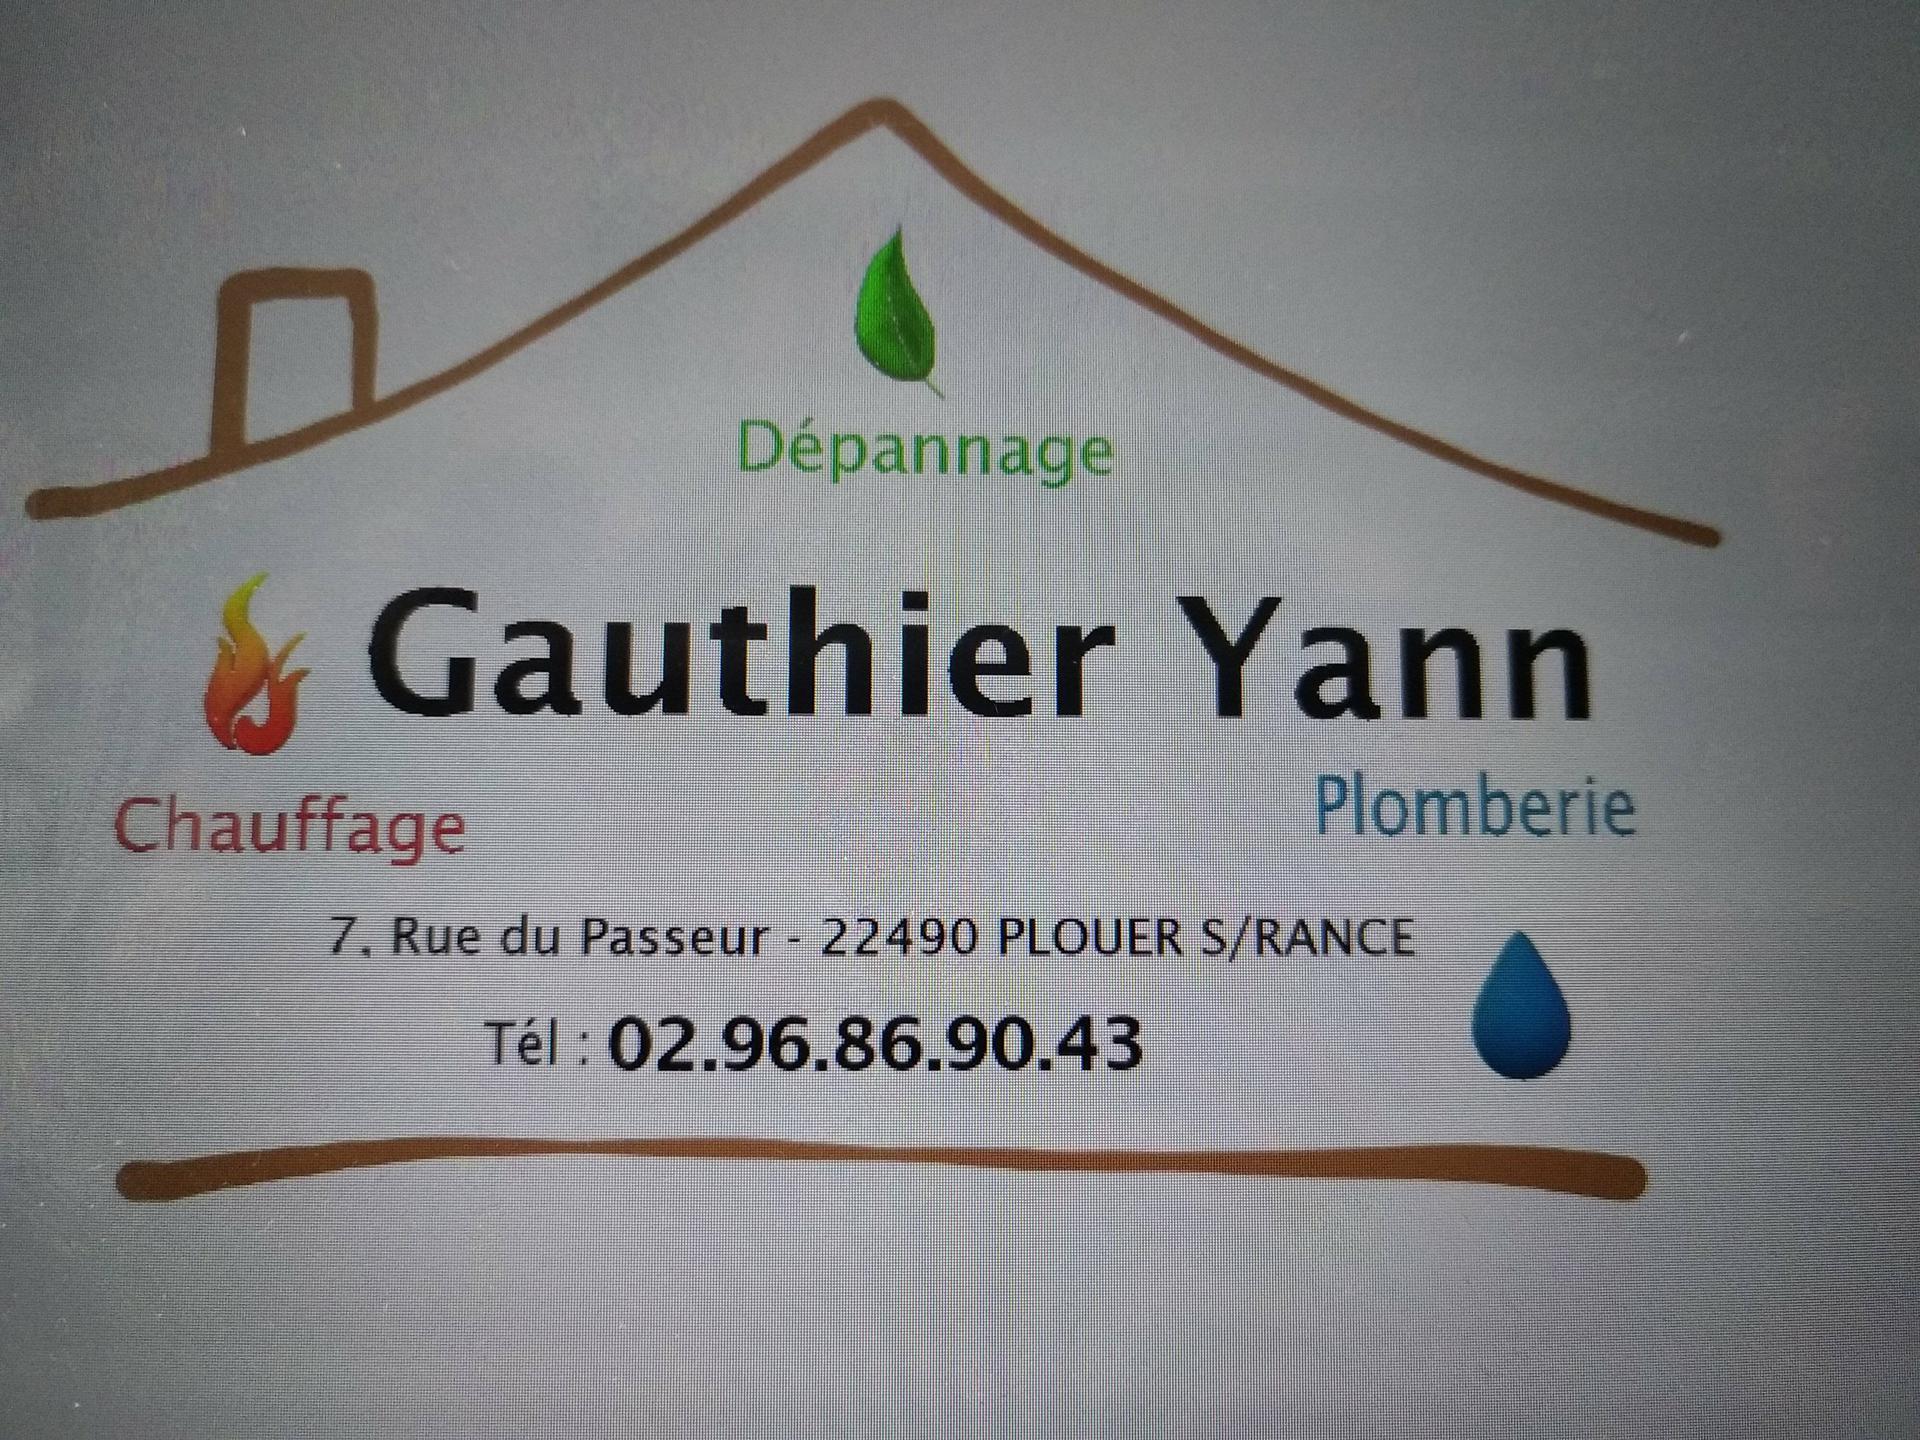 Gauthier Yann plombier